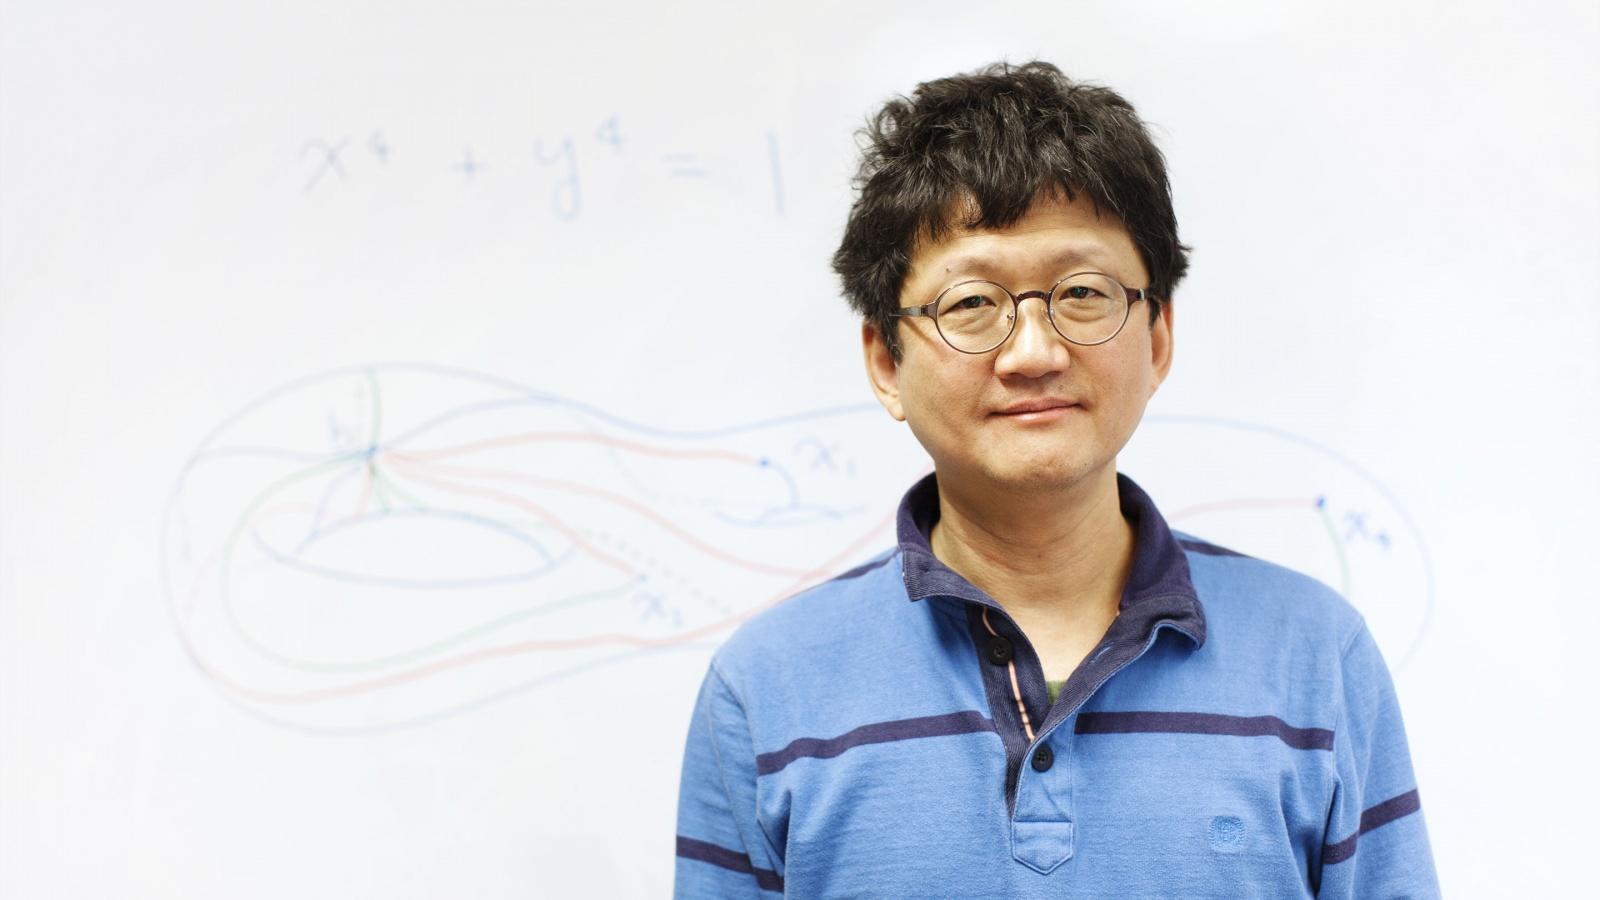 Раскрыта тайная связь чистой математики и физики - 1